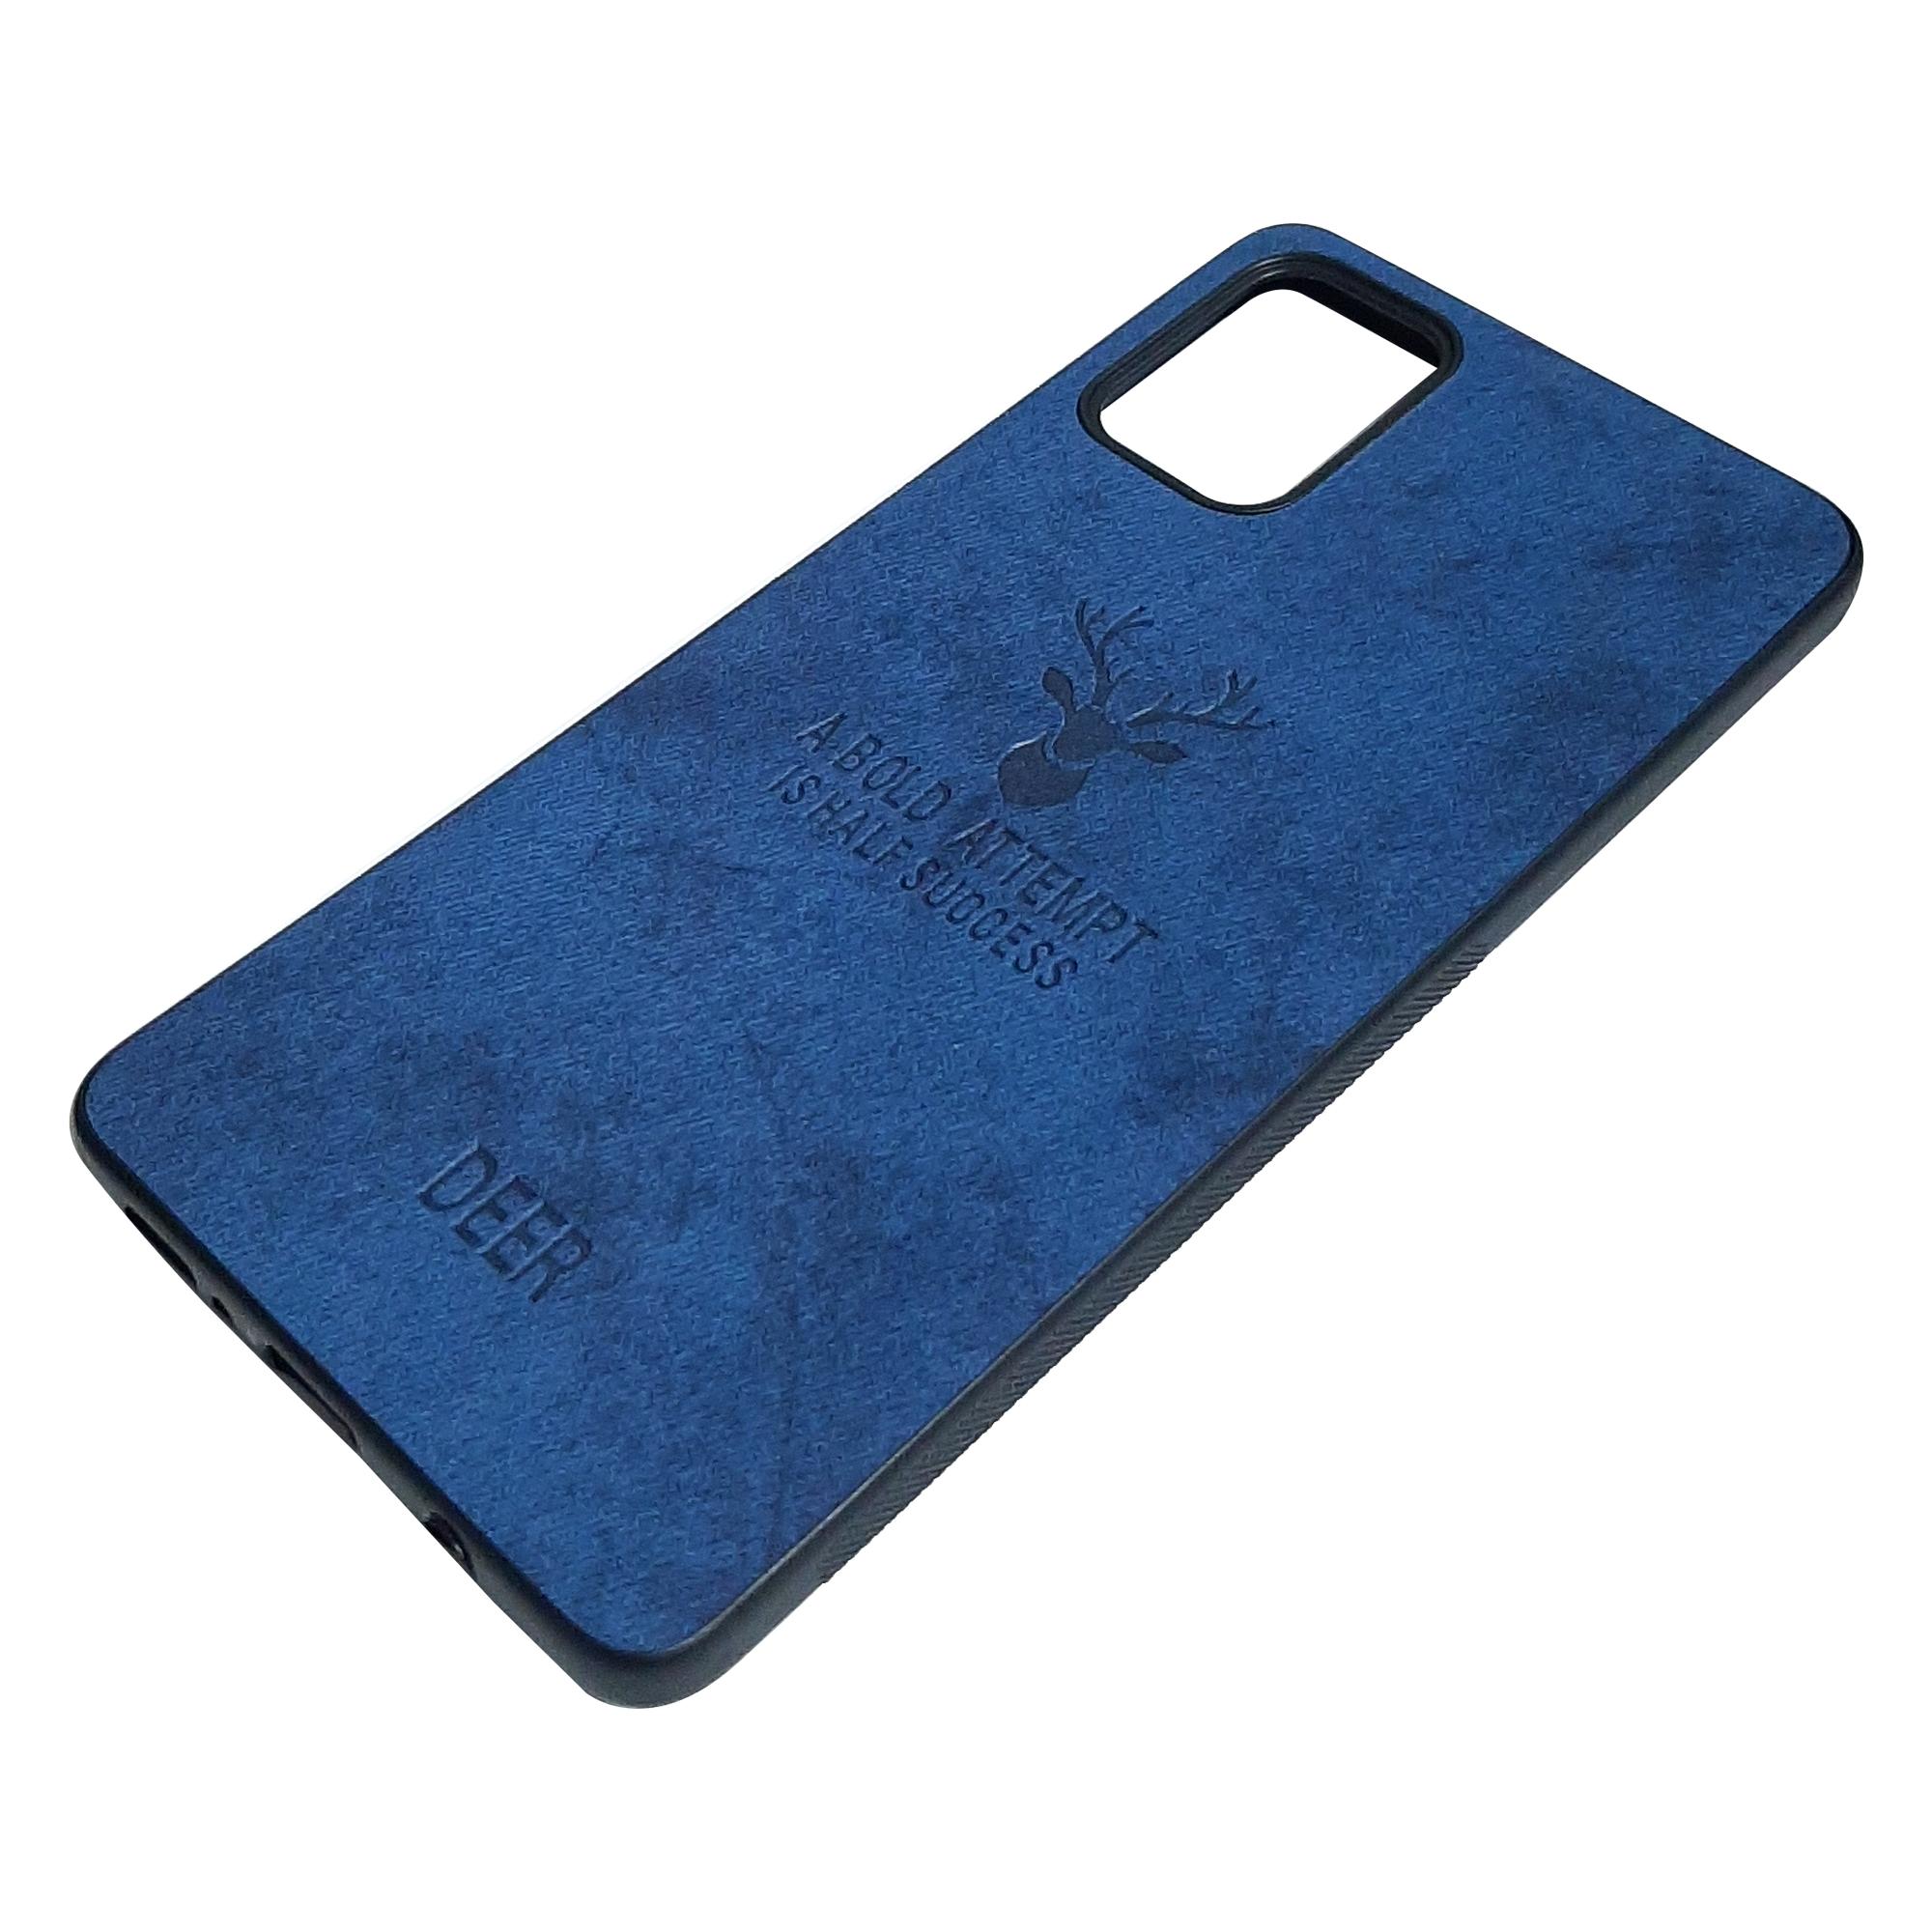 کاور کد CO164 مناسب برای گوشی موبایل سامسونگ Galaxy A71